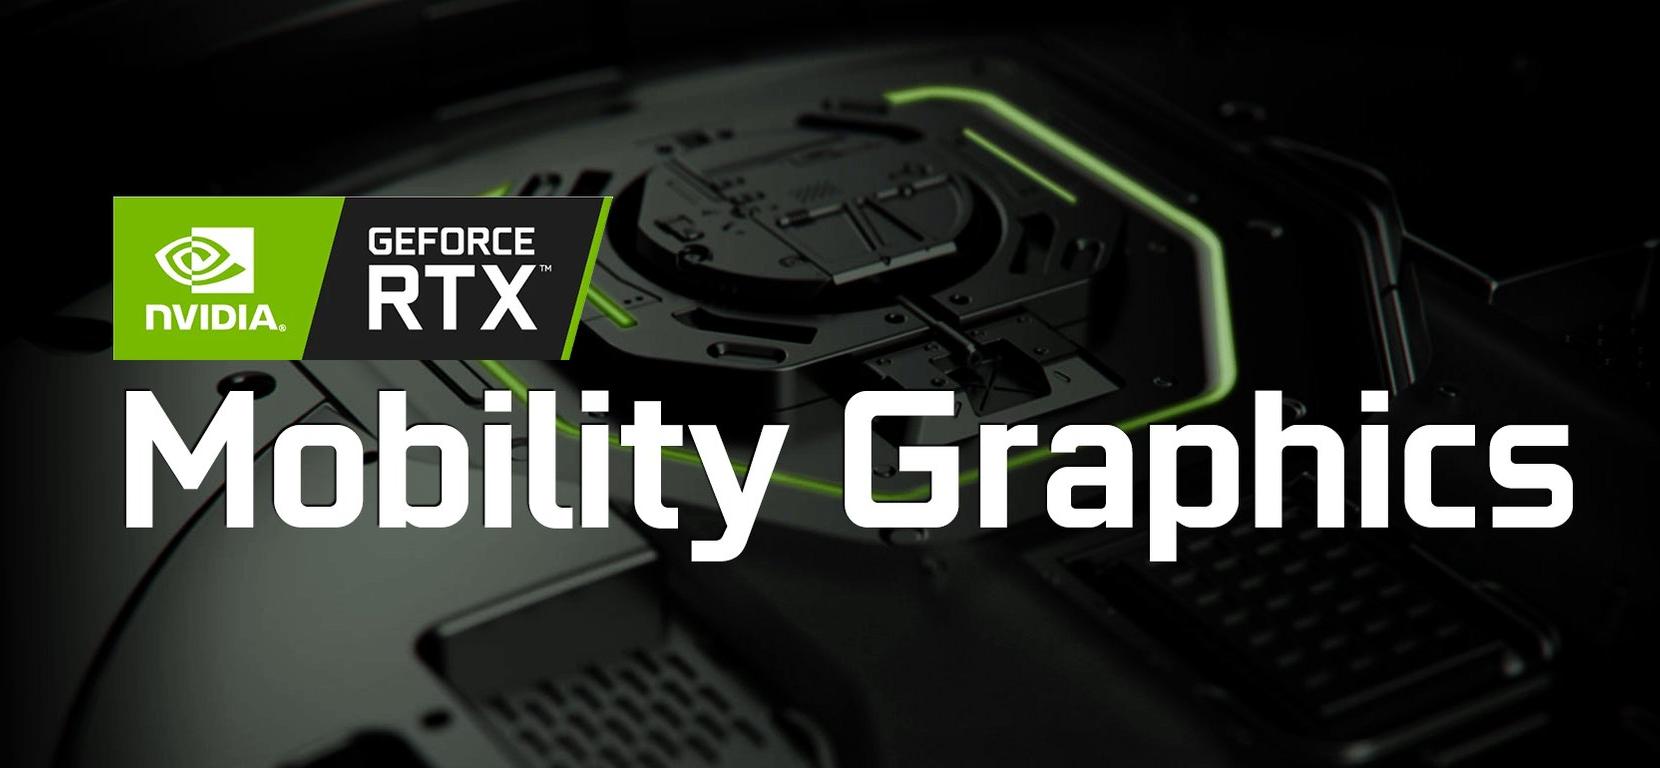 GeForce RTX 3080 для ноутбуков получила больше памяти, чем RTX 3080 для настольных компьютеров